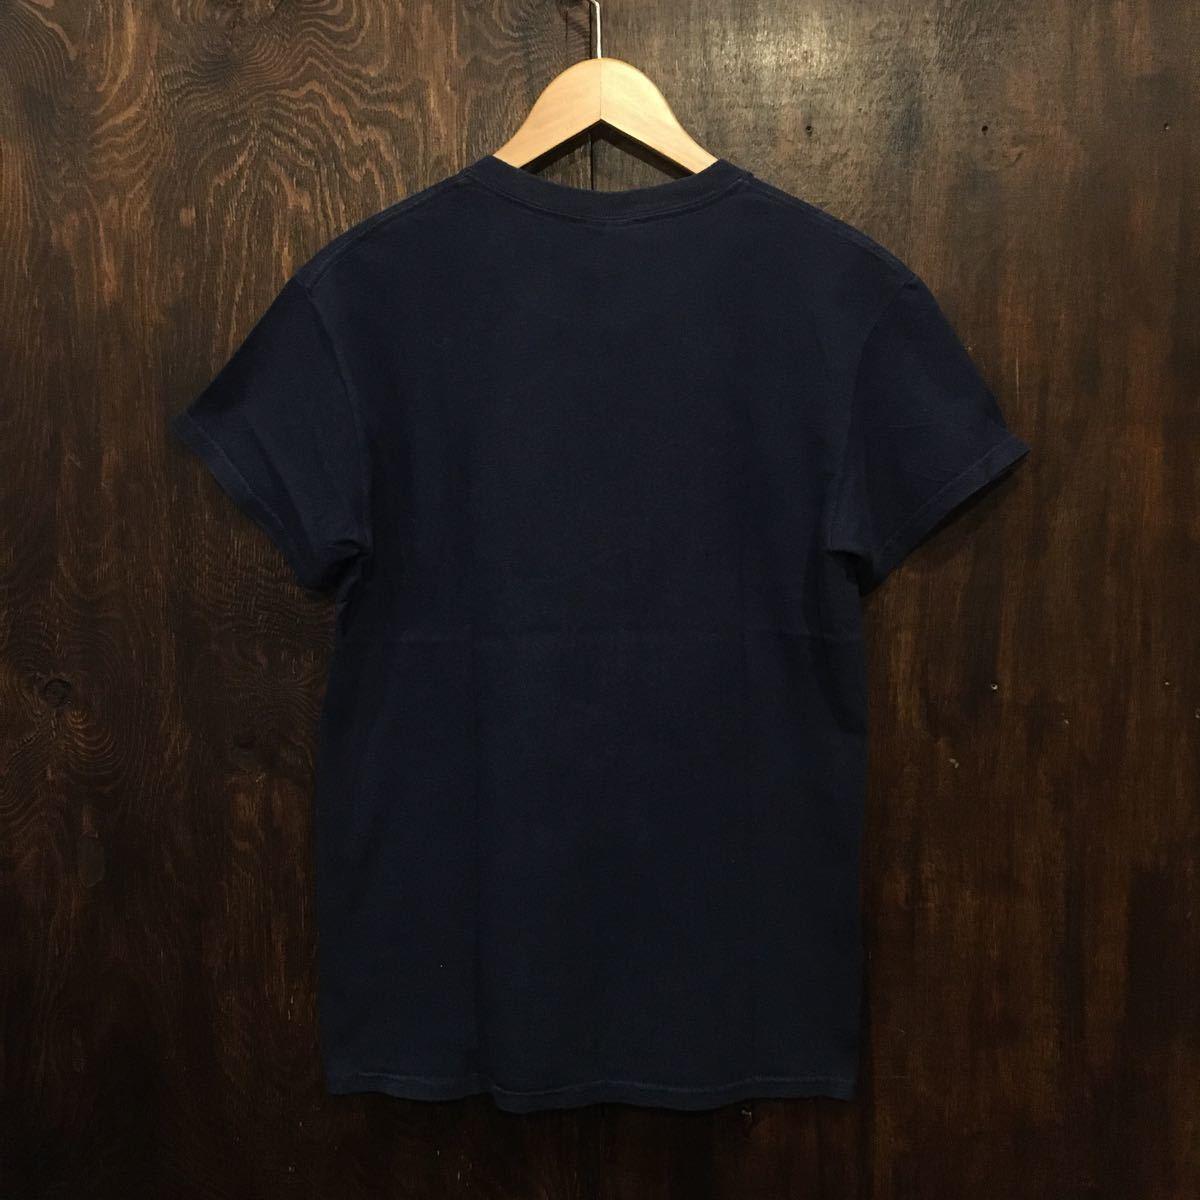 アメリカ古着 半袖 プリントTシャツ ネイビー YOUNGLIFE Sサイズ